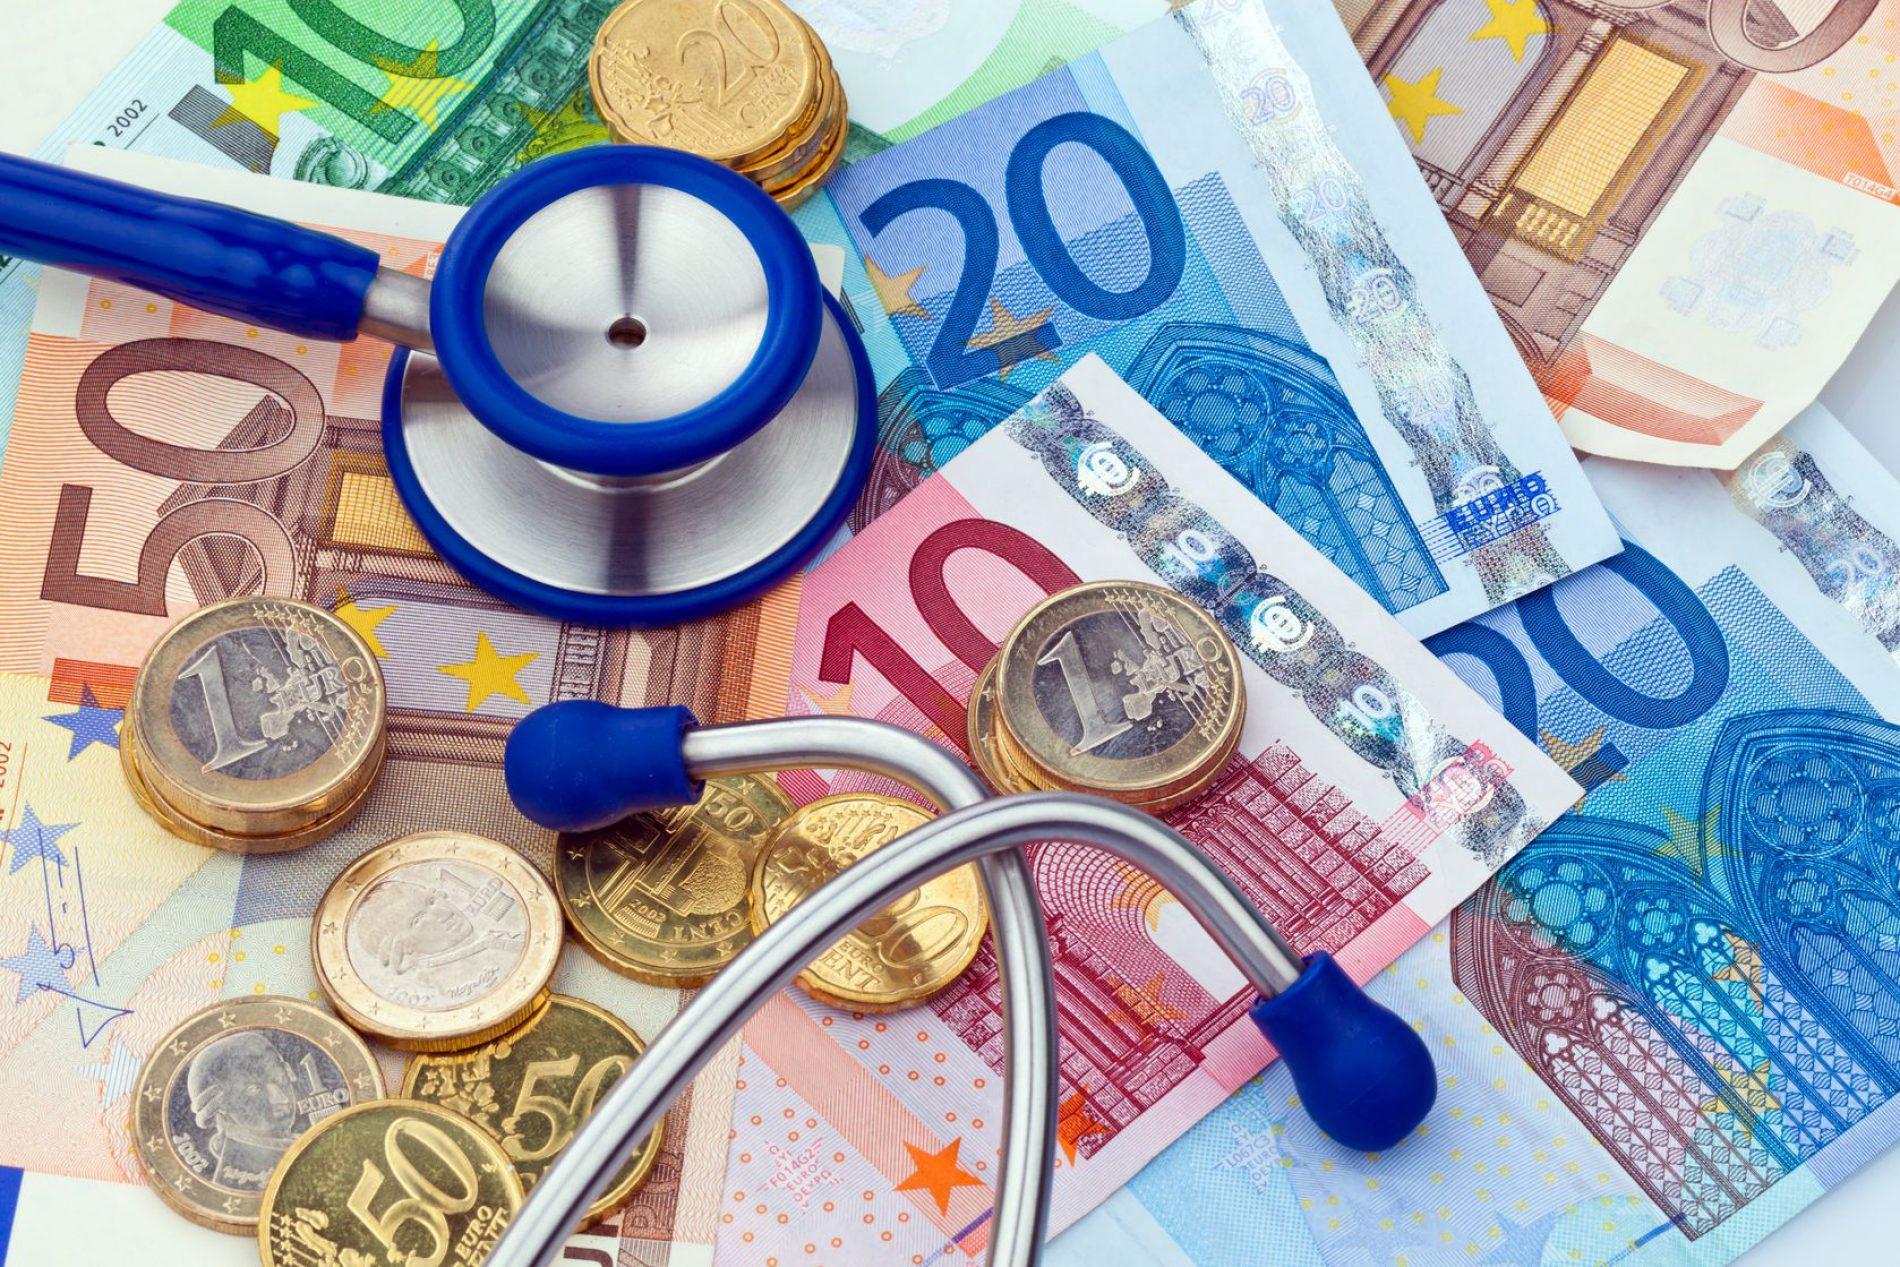 Assistenza sanitaria ue: italiani, meno informati in europa